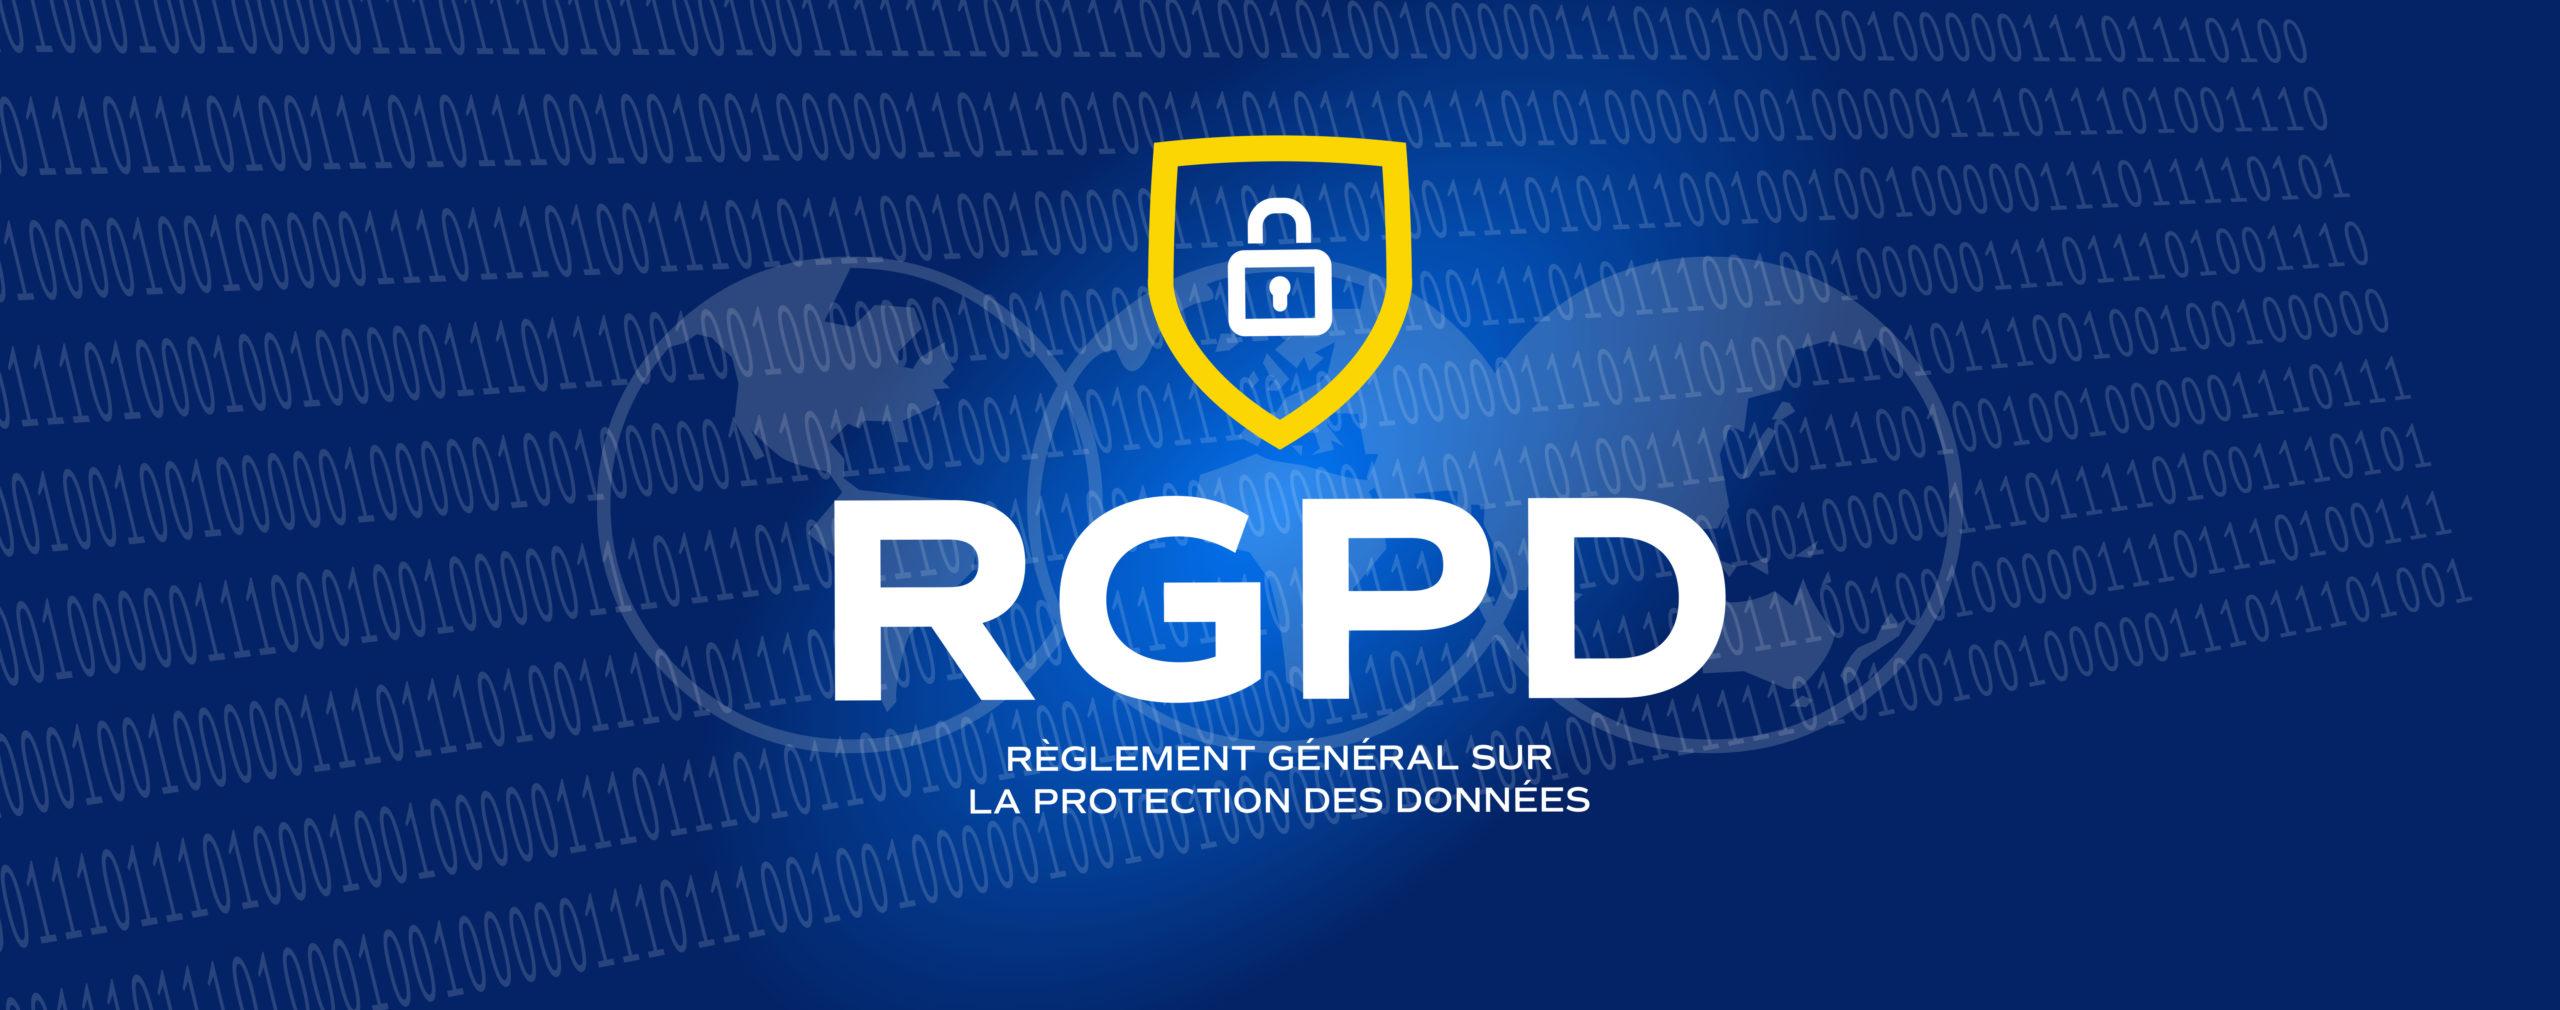 Petites entreprises: Comment se mettre en conformité avec le RGPD?